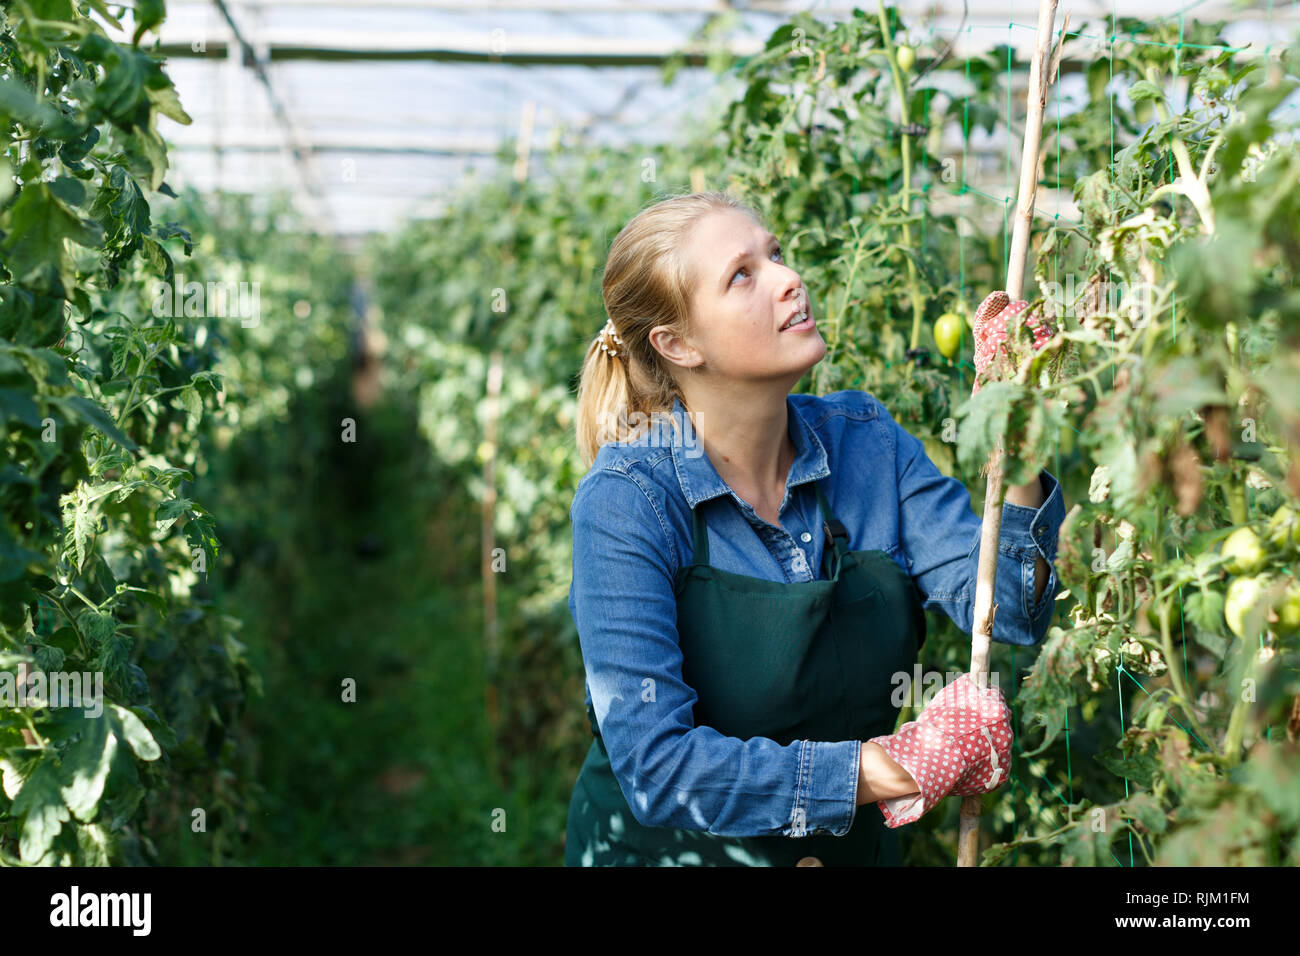 Jardinero femeninos positivos trabajando en invernadero, inspeccionando los tomates verdes Foto de stock